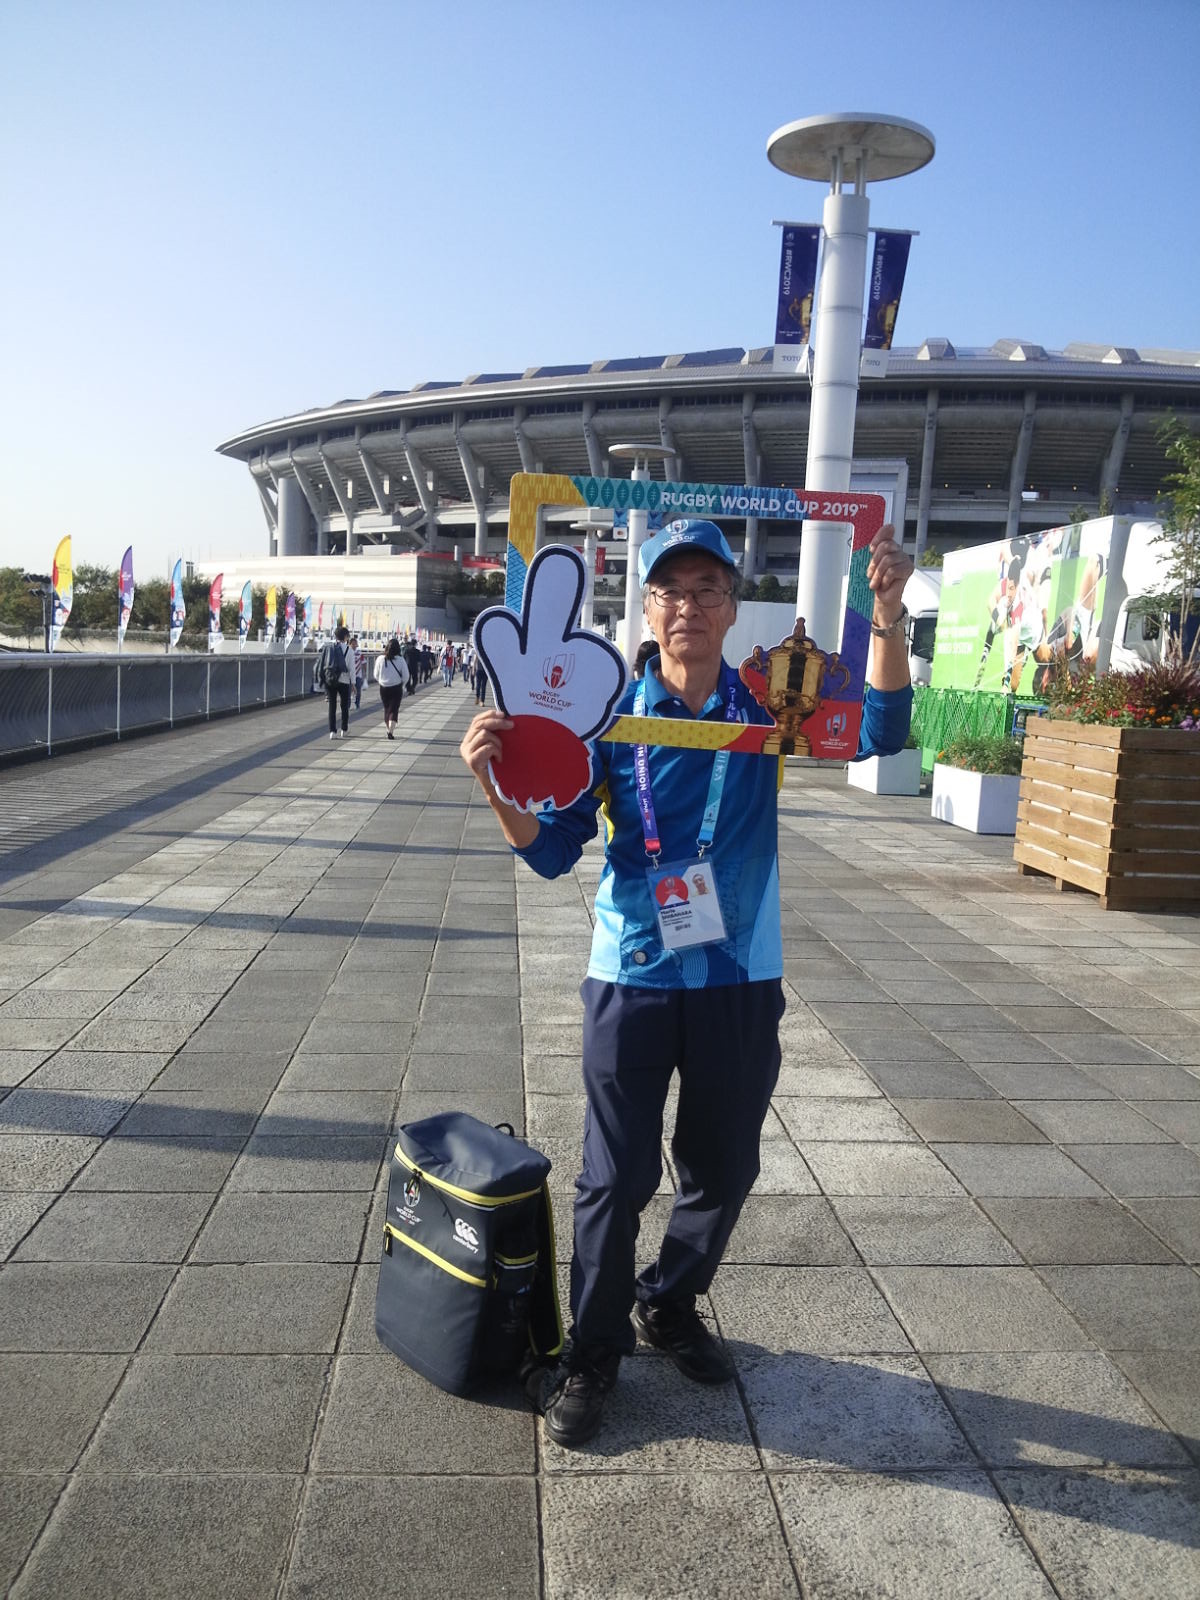 ラグビーワールドカップのボランティア